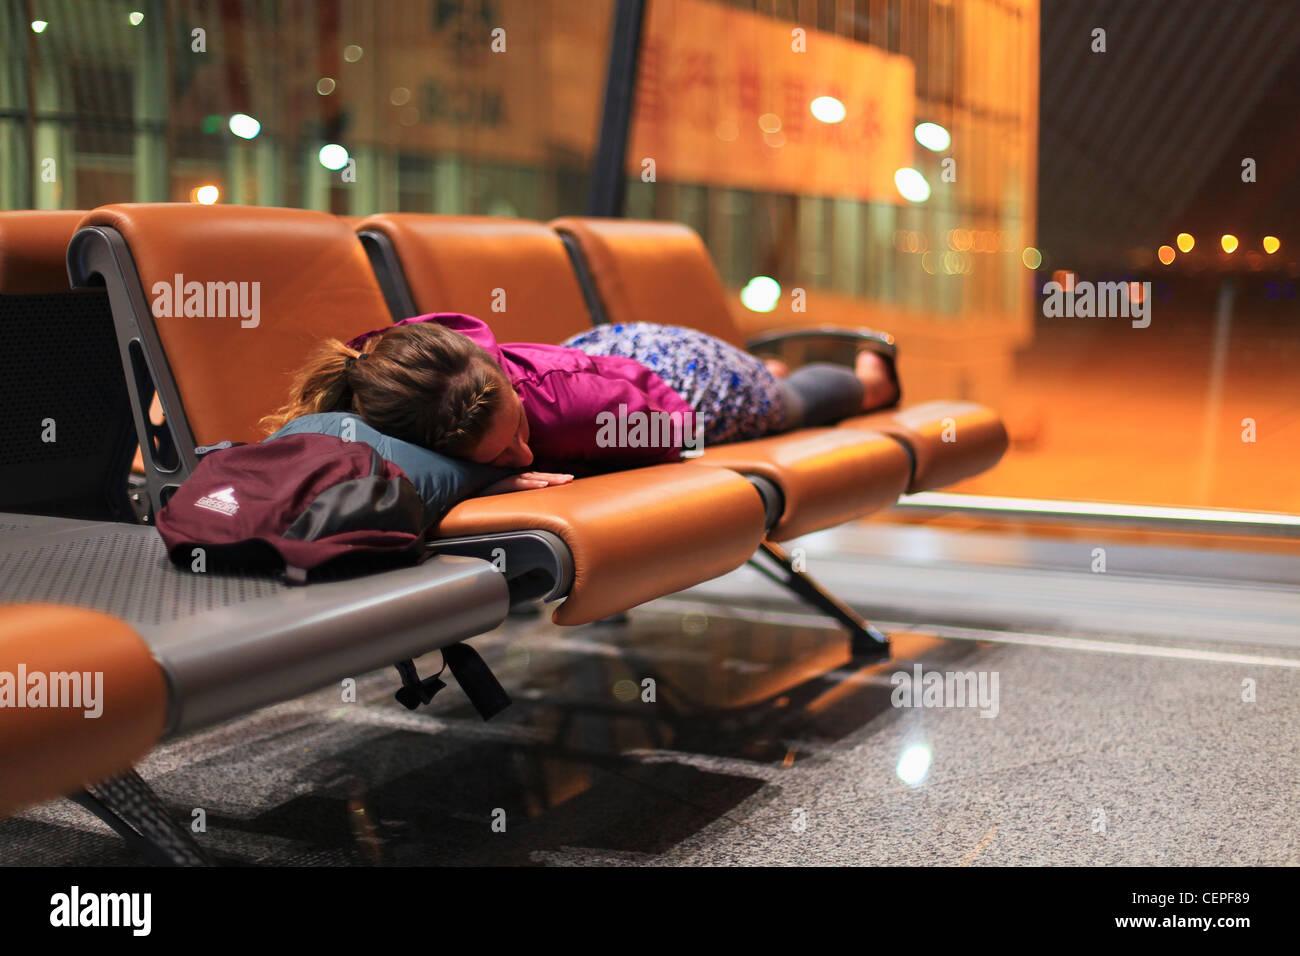 Una niña durmiendo en sillas en un aeropuerto; Beijing, China Imagen De Stock